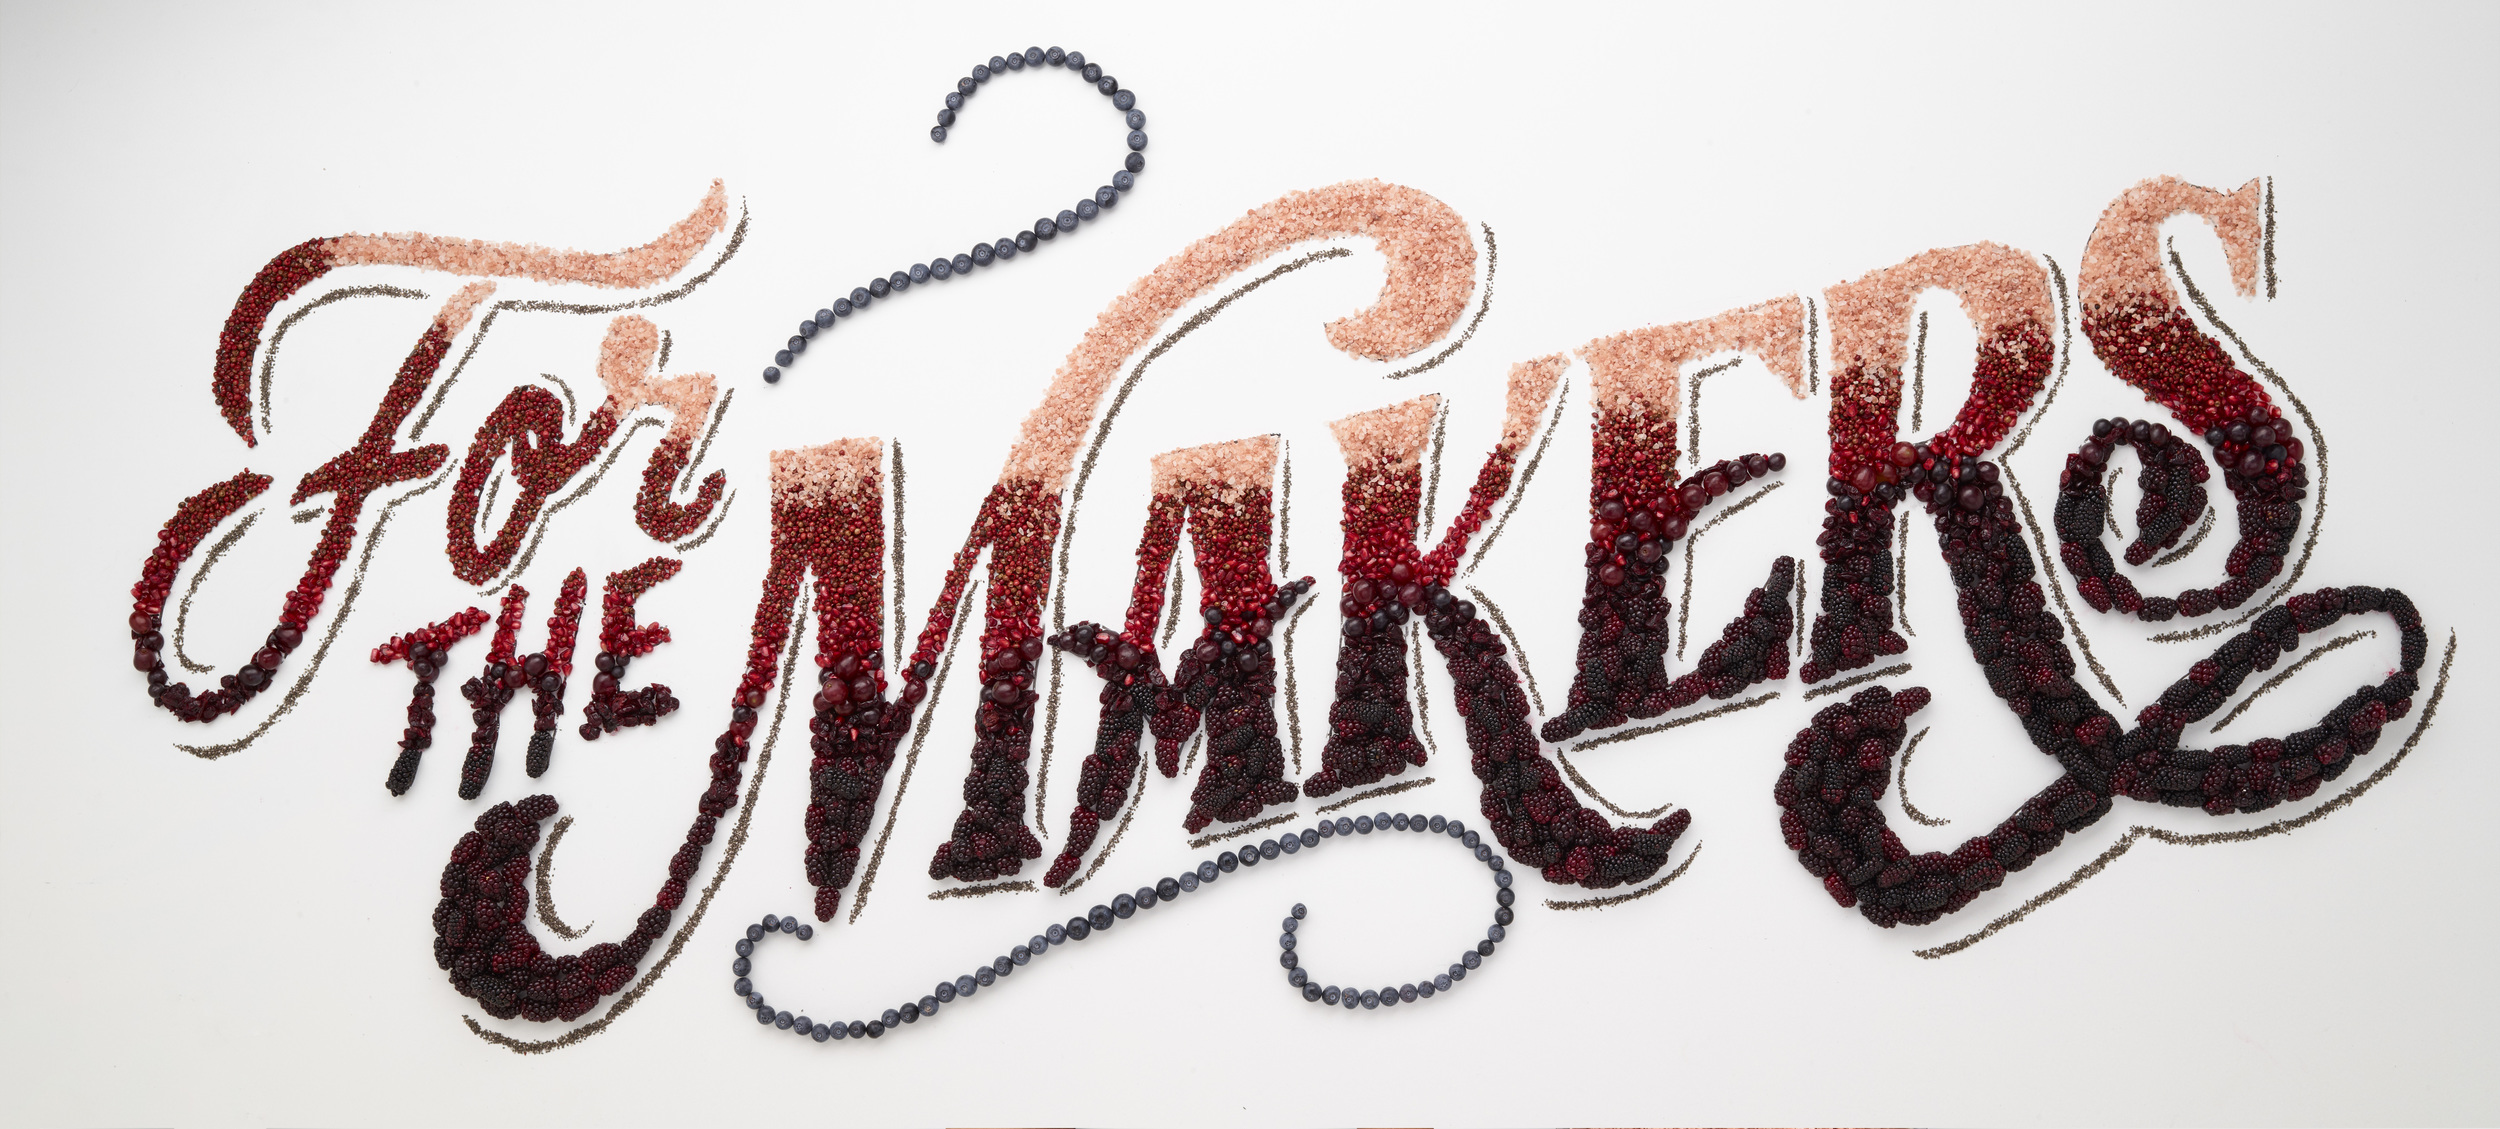 Makers Orig.jpg